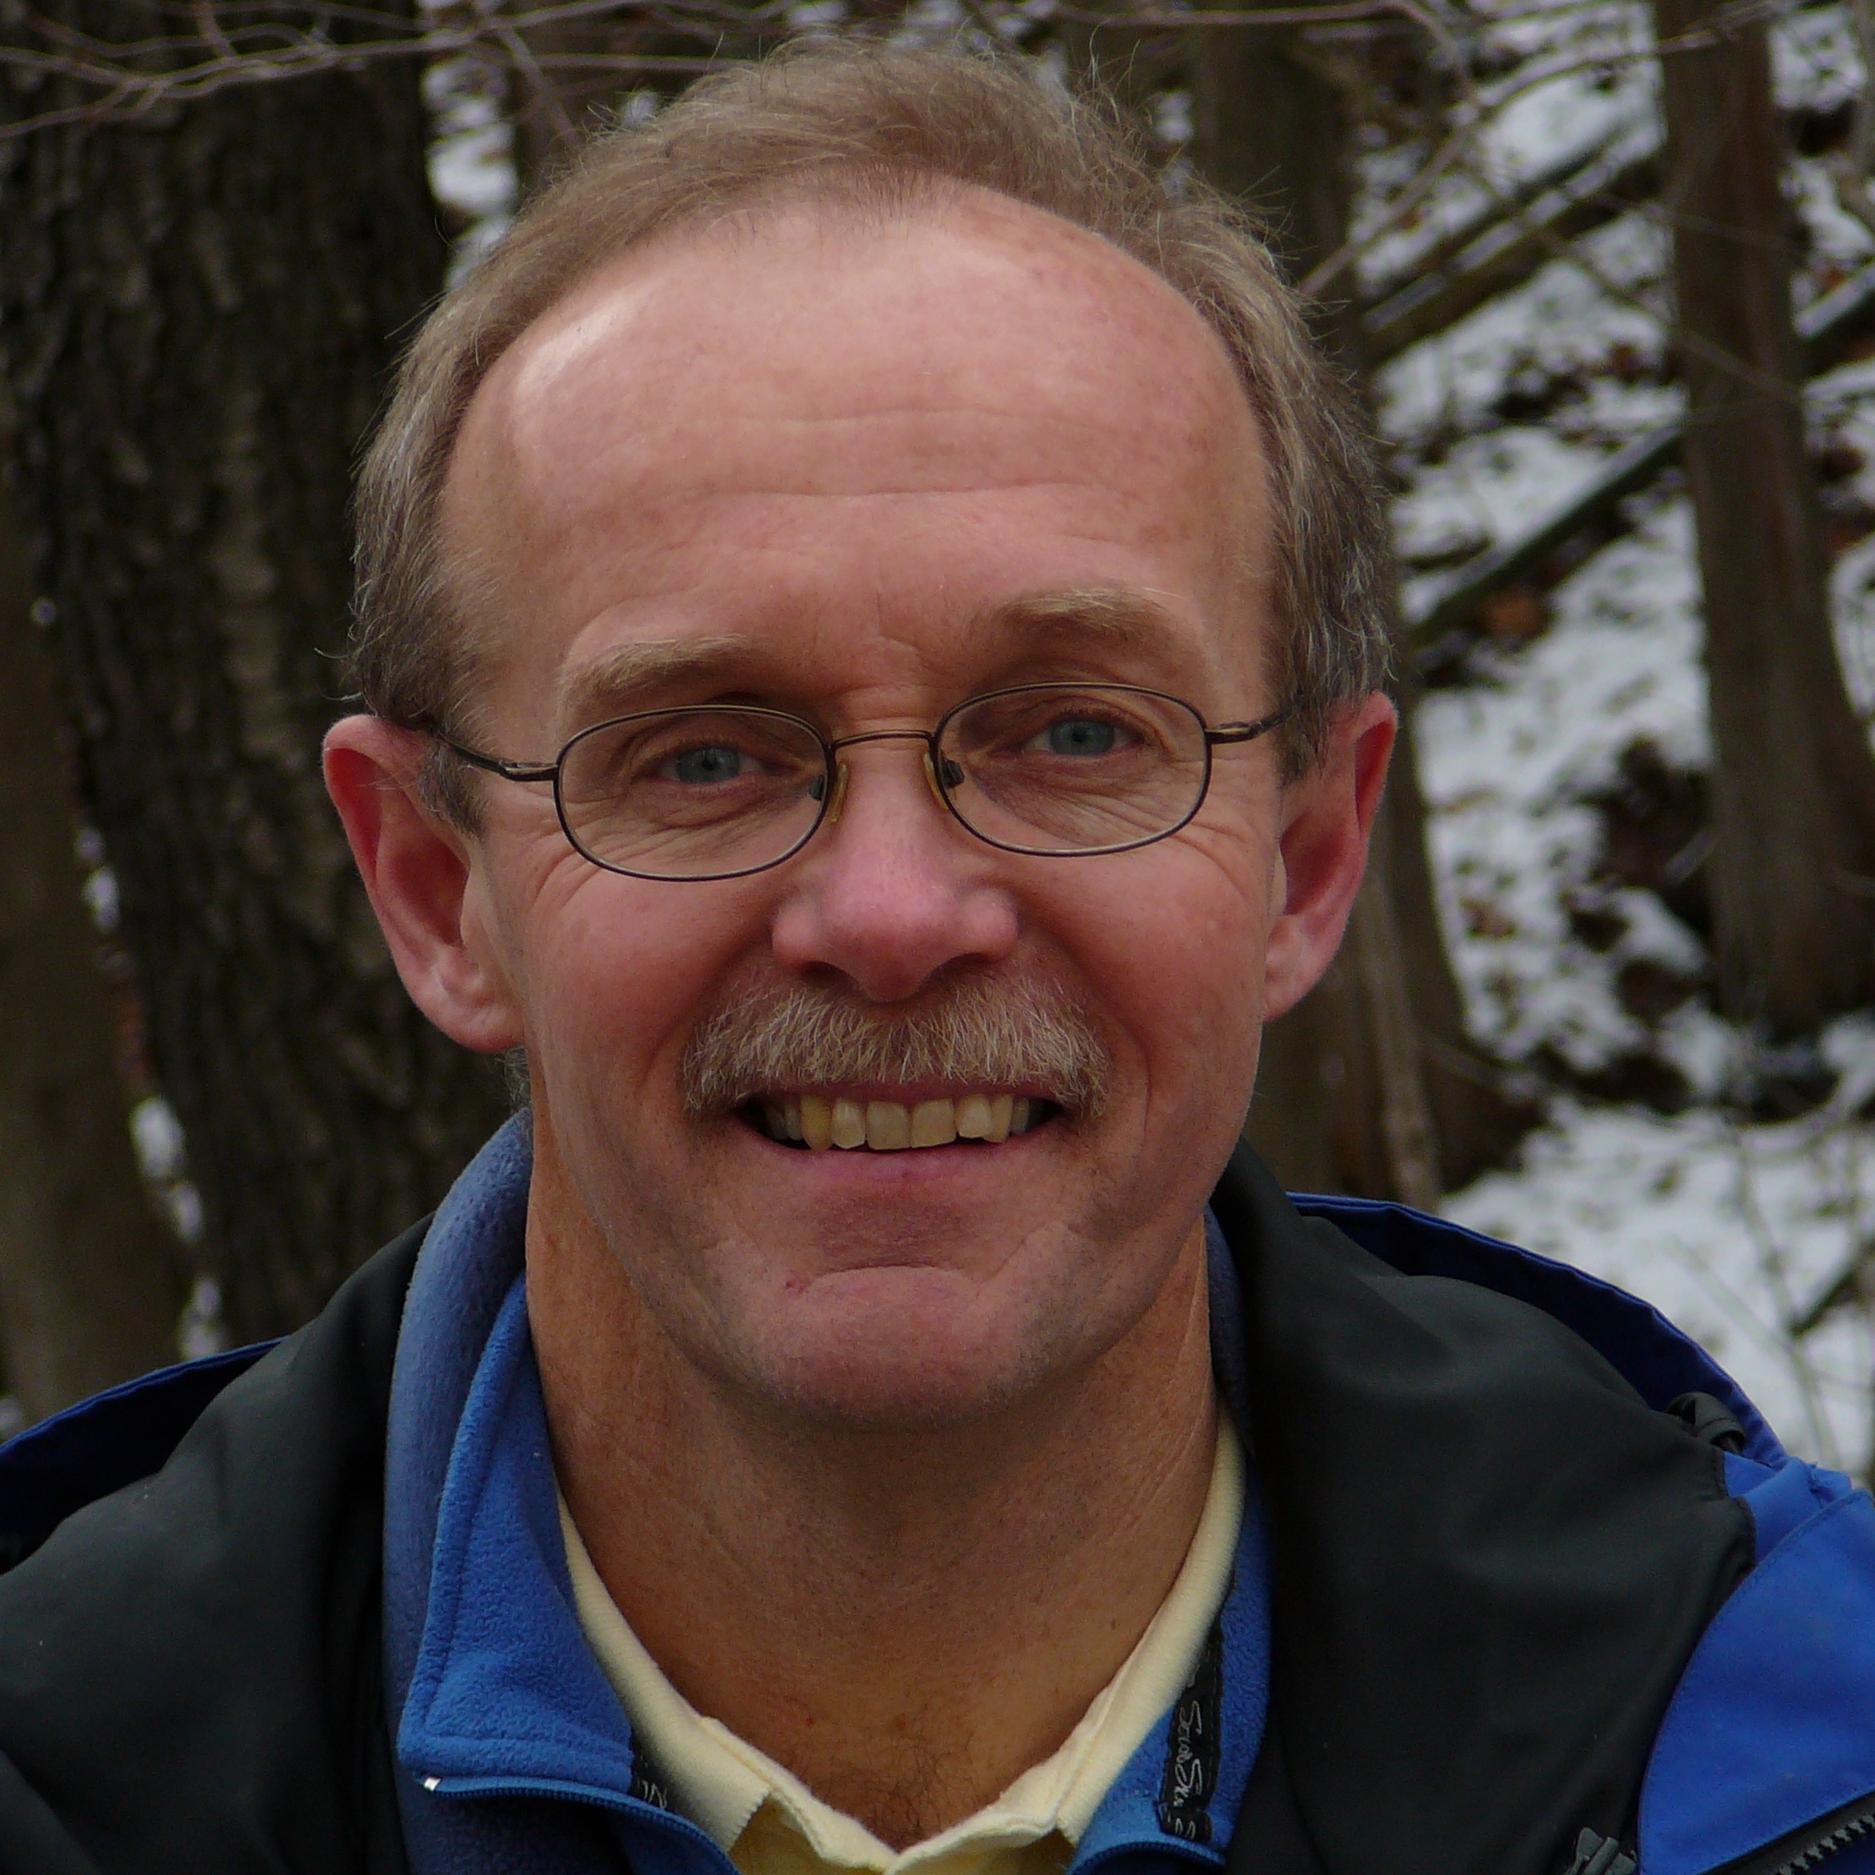 John Fallis, Executive Director of Operations